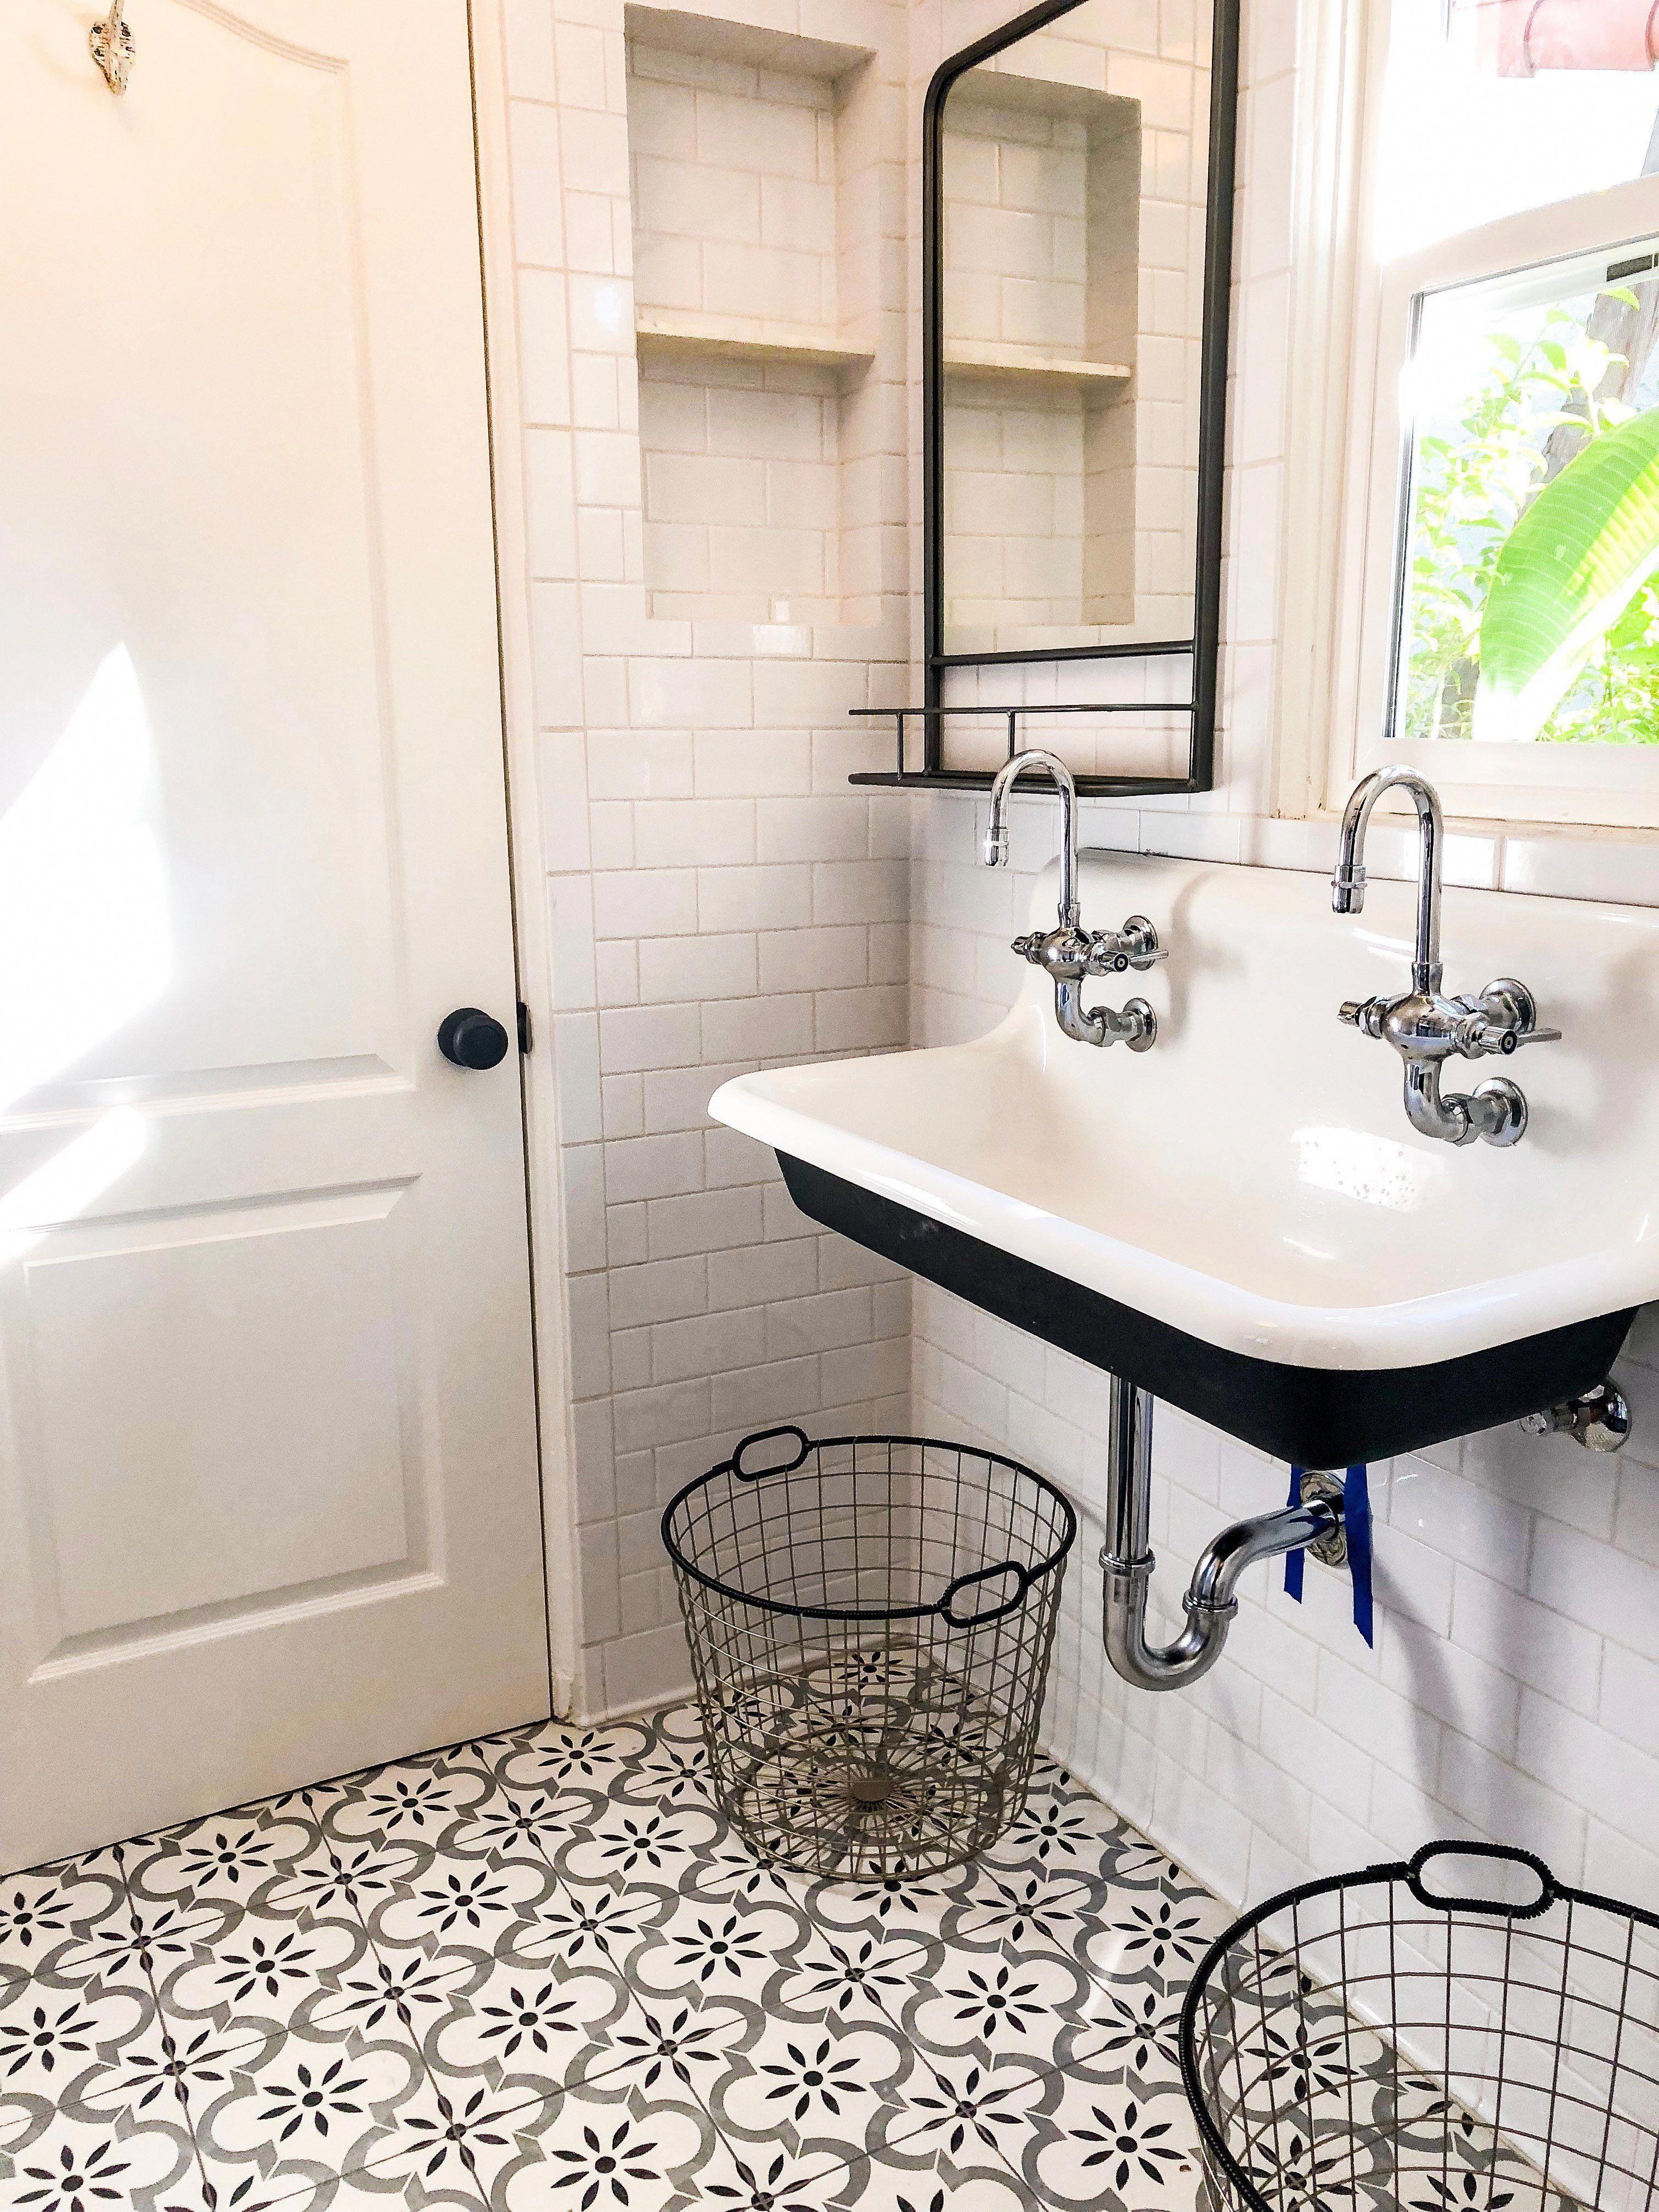 NBI DRAINBOARD SINKS   Vintage Inspired Farmhouse Drainboard Sinks